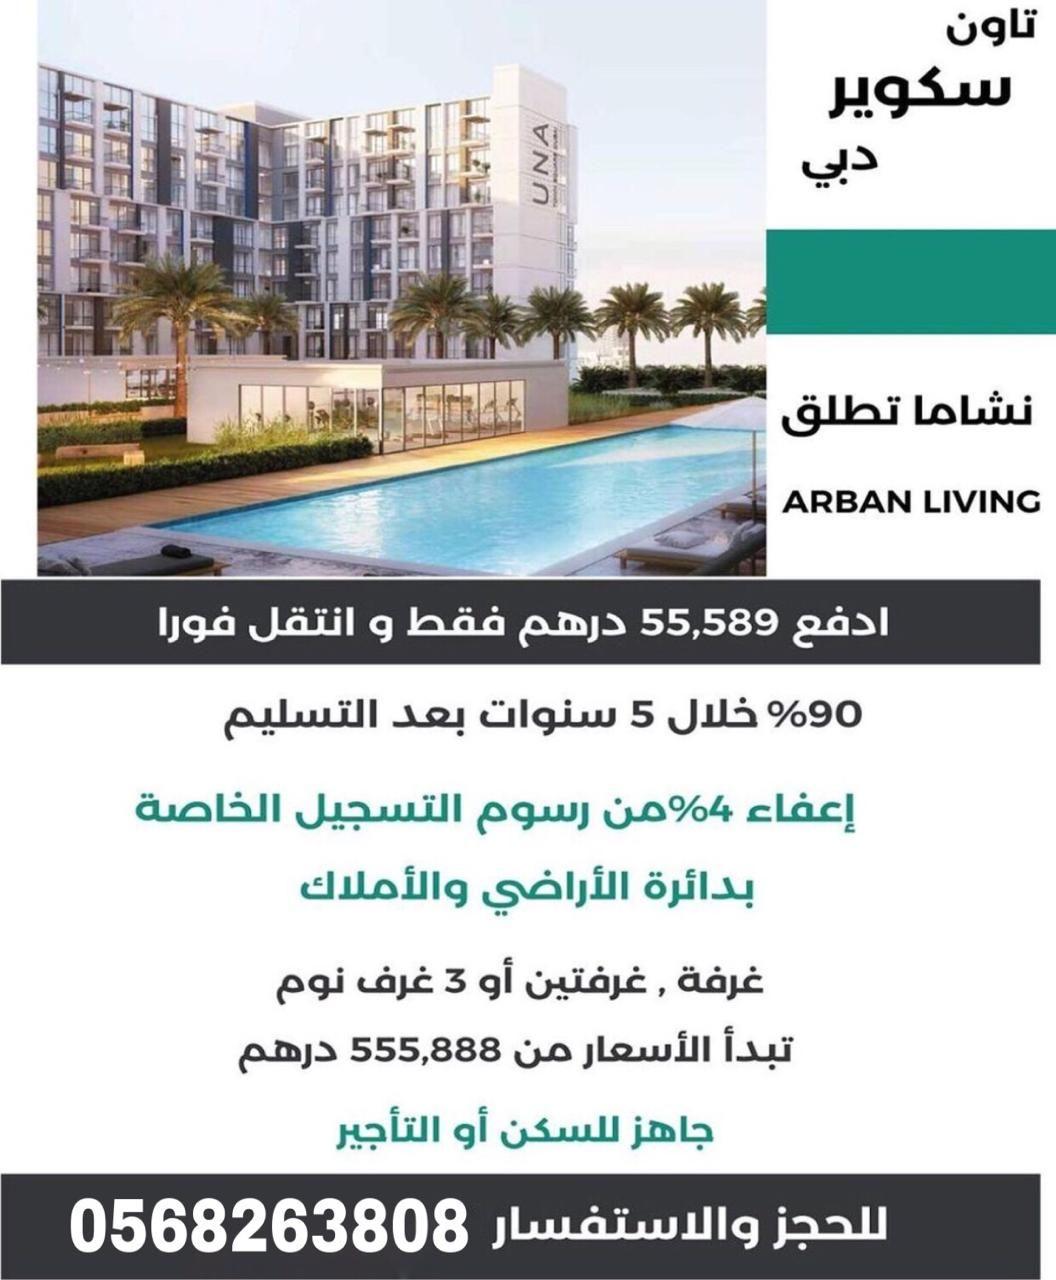 ارخص غرفة و صالة في دبي و تقسيط خمس سنوات بدون فوائد